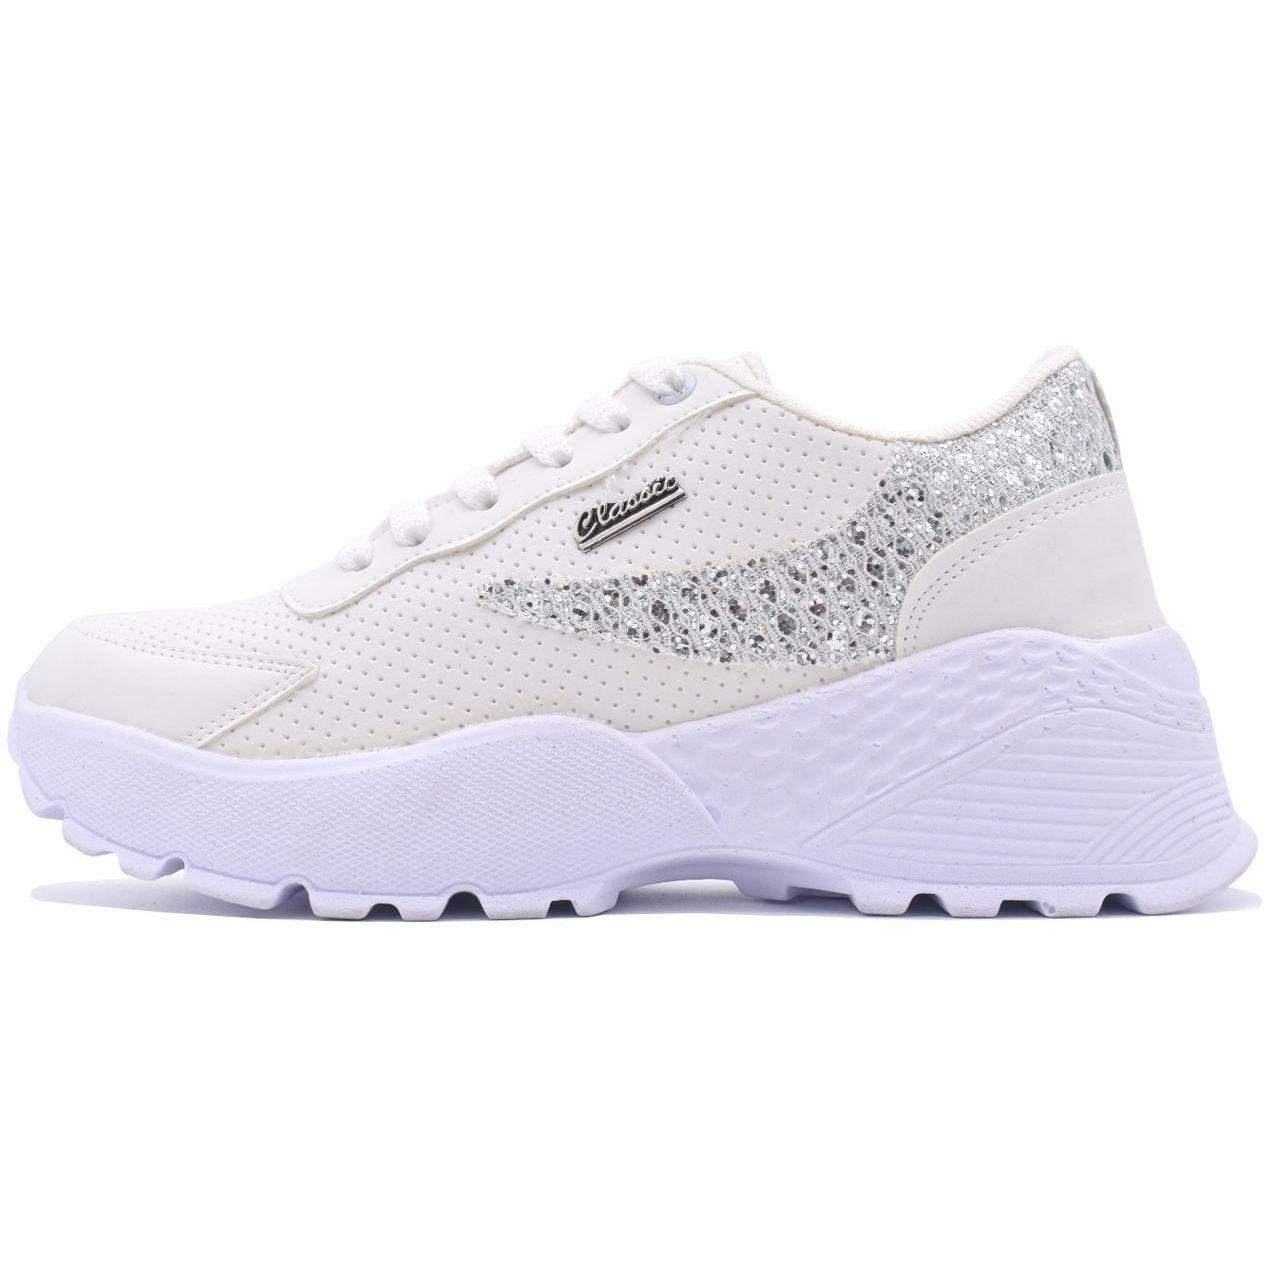 کفش مخصوص پیاده روی زنانه کد 1303 main 1 1